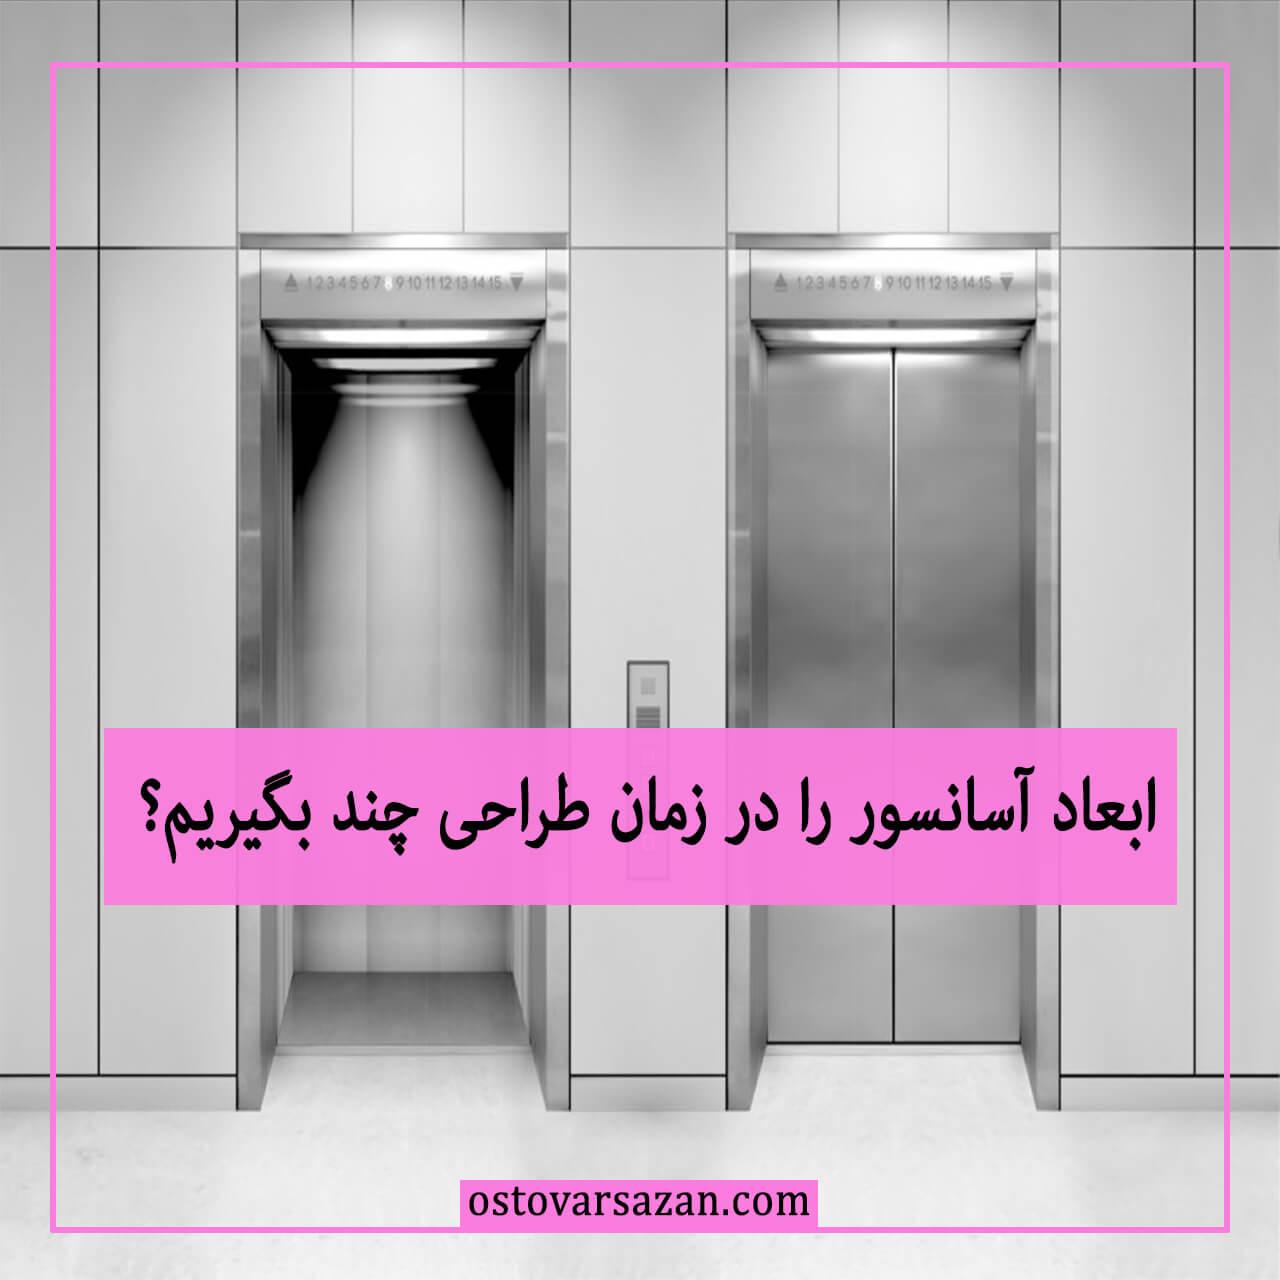 ابعاد و اندازه استاندارد انواع آسانسور